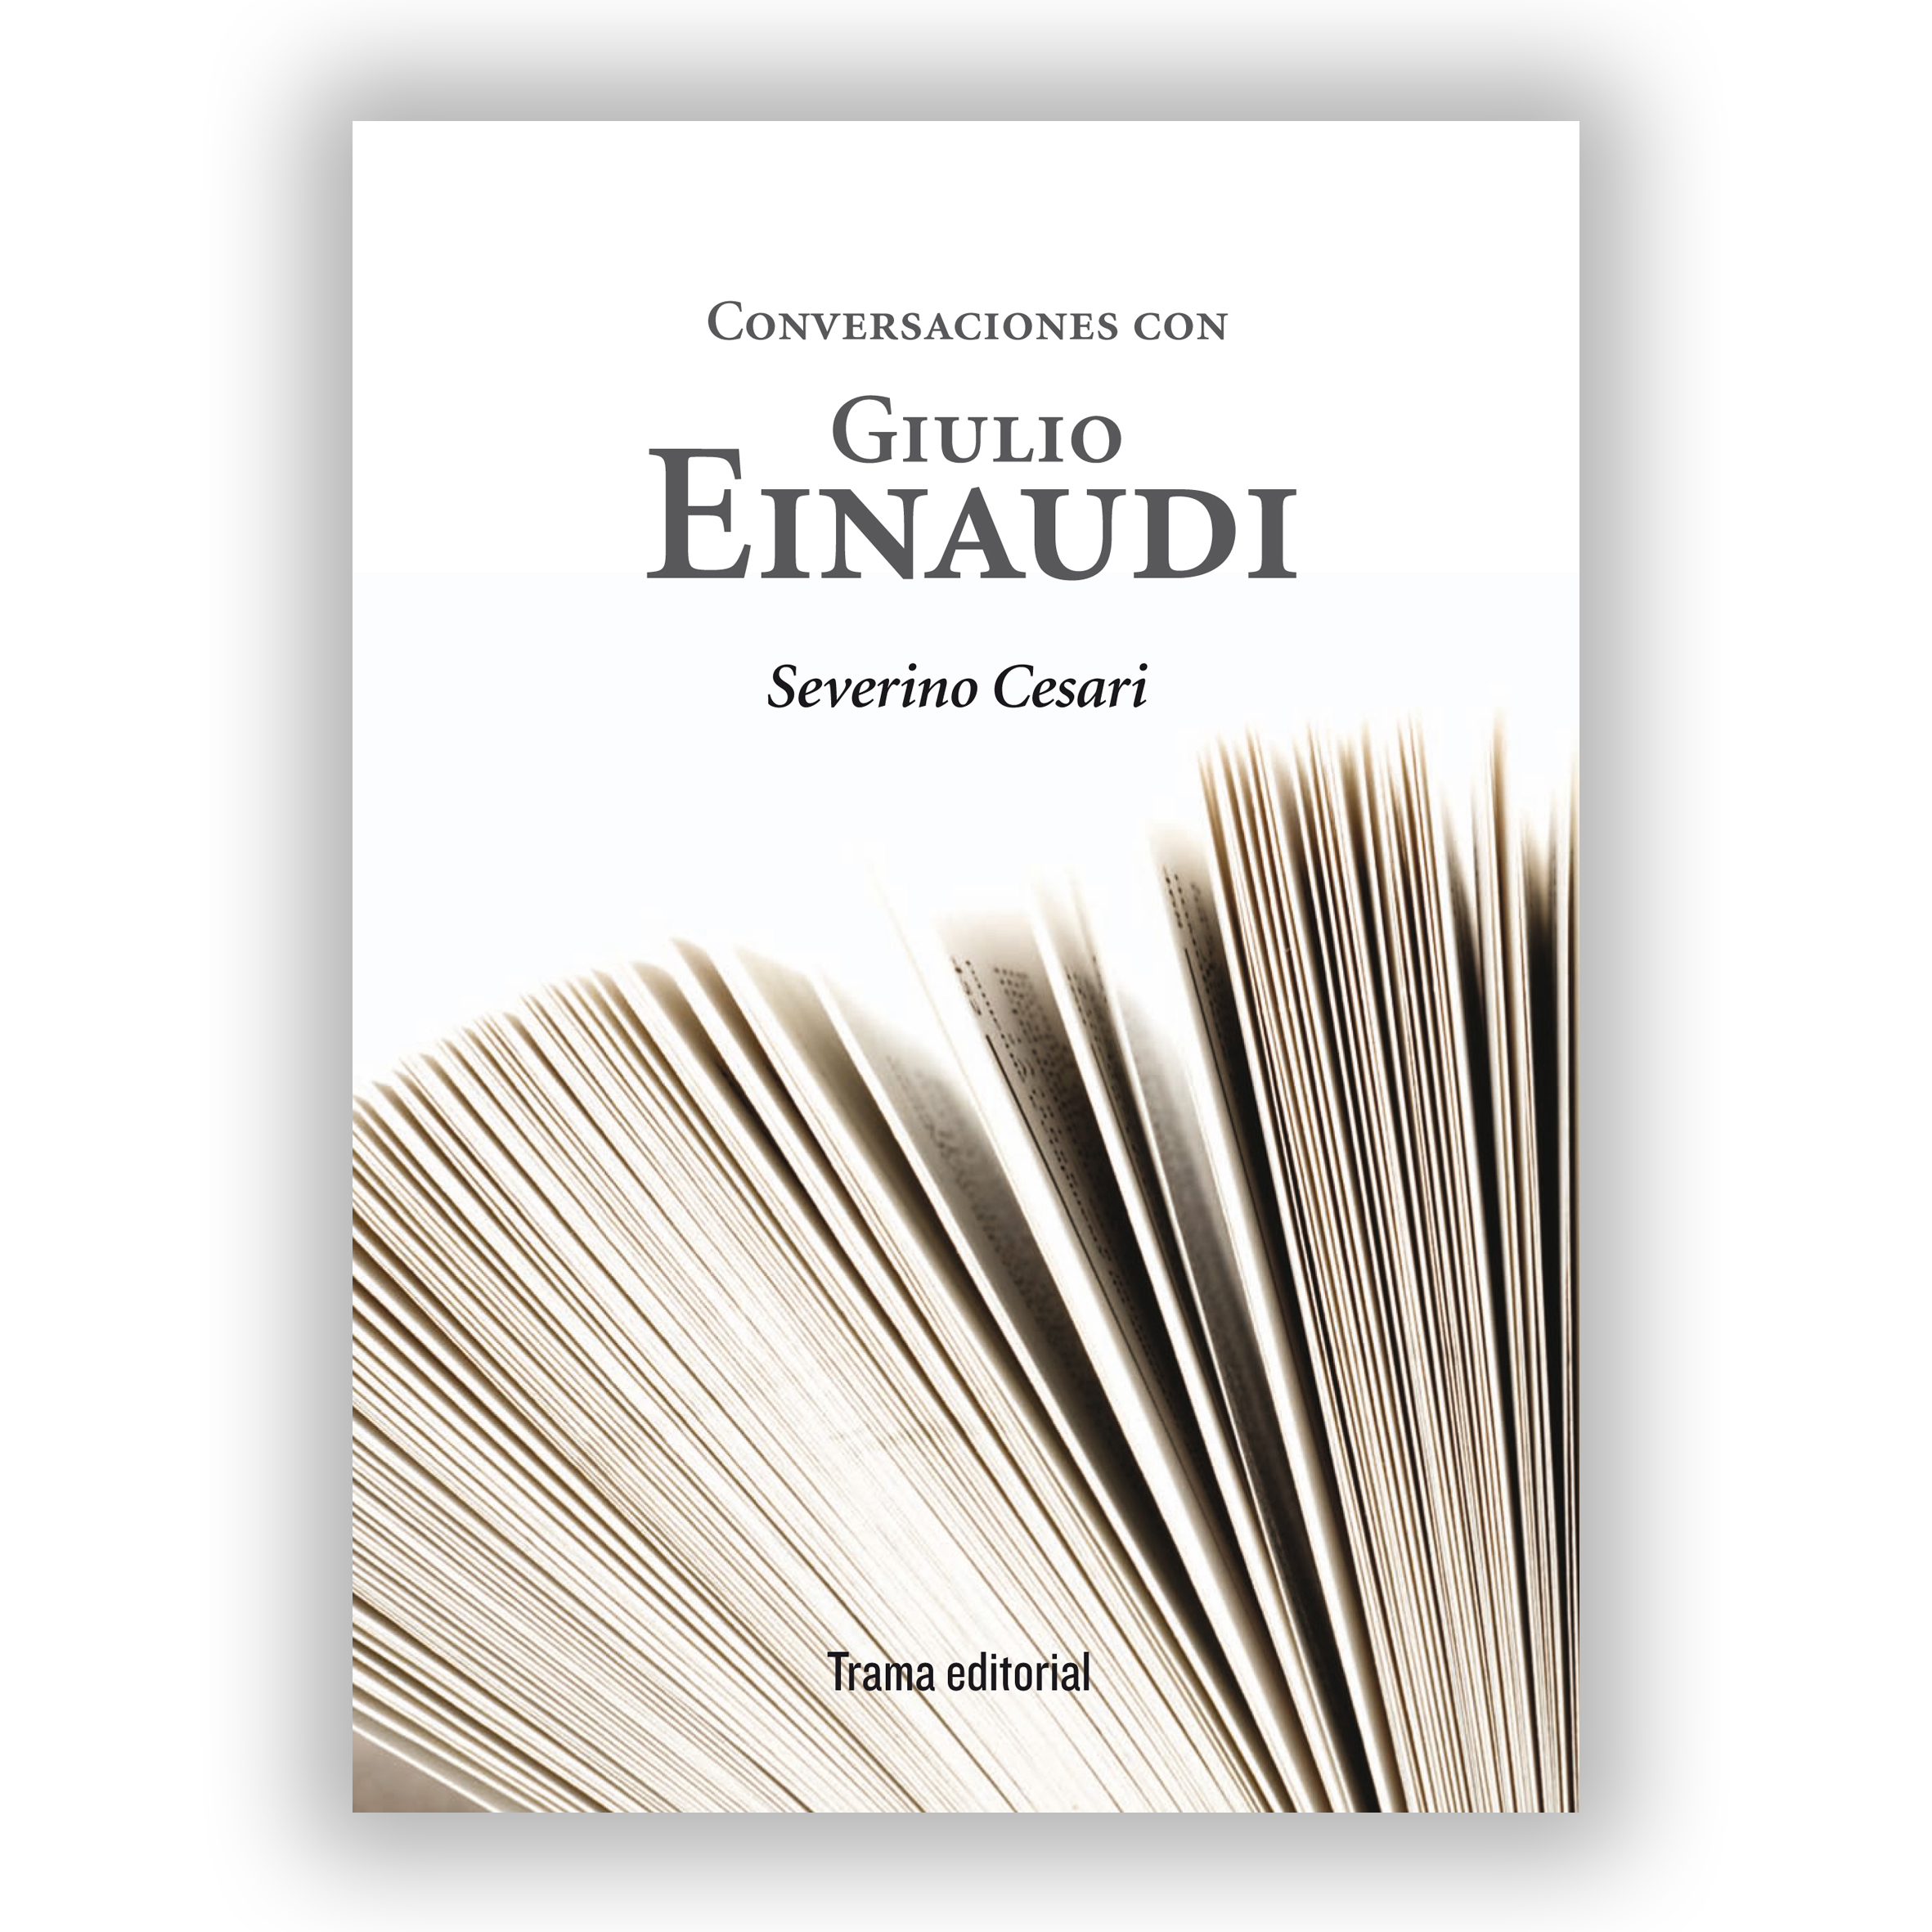 Einaudi encendió la luz. Juan Tallón en Jot Down